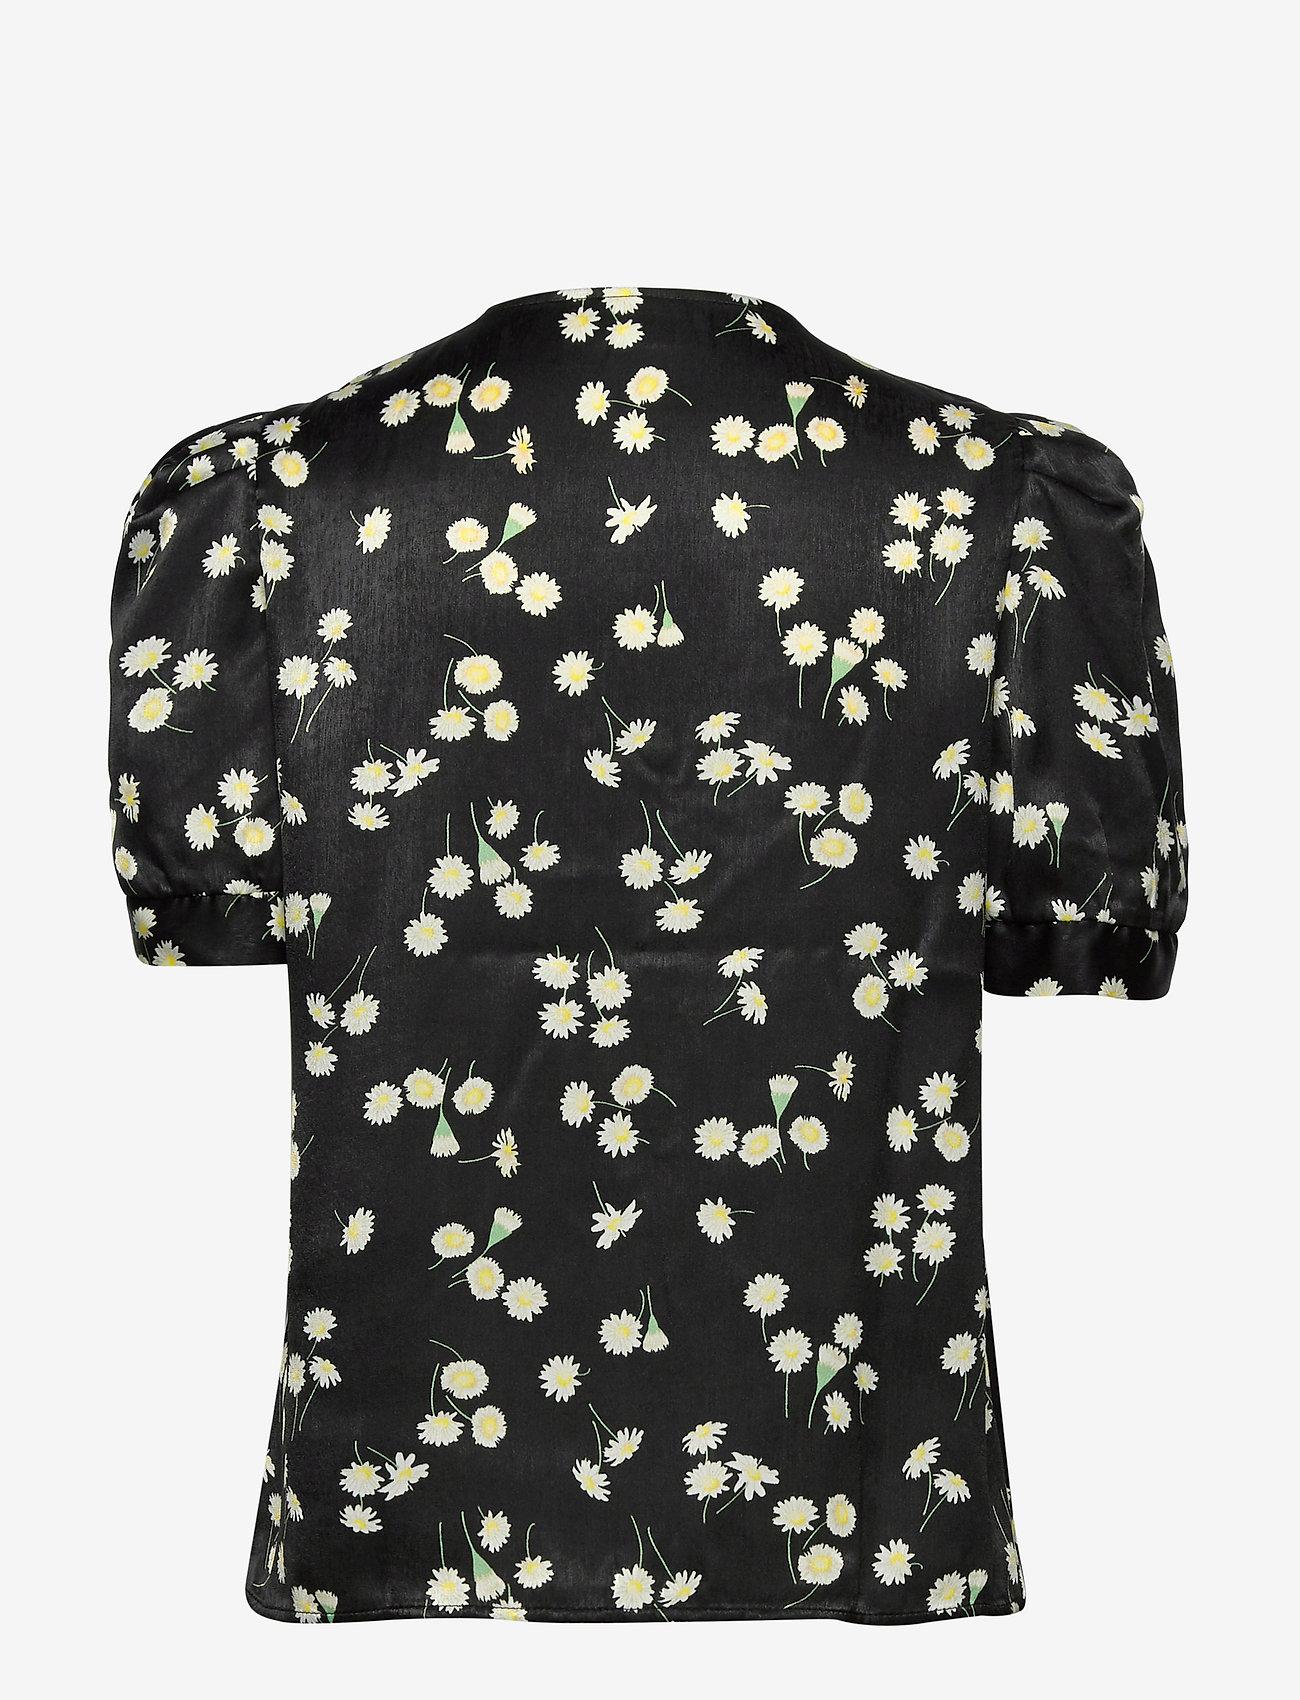 Vila Viflower 2/4 Blouse /rx - Blouses & Shirts